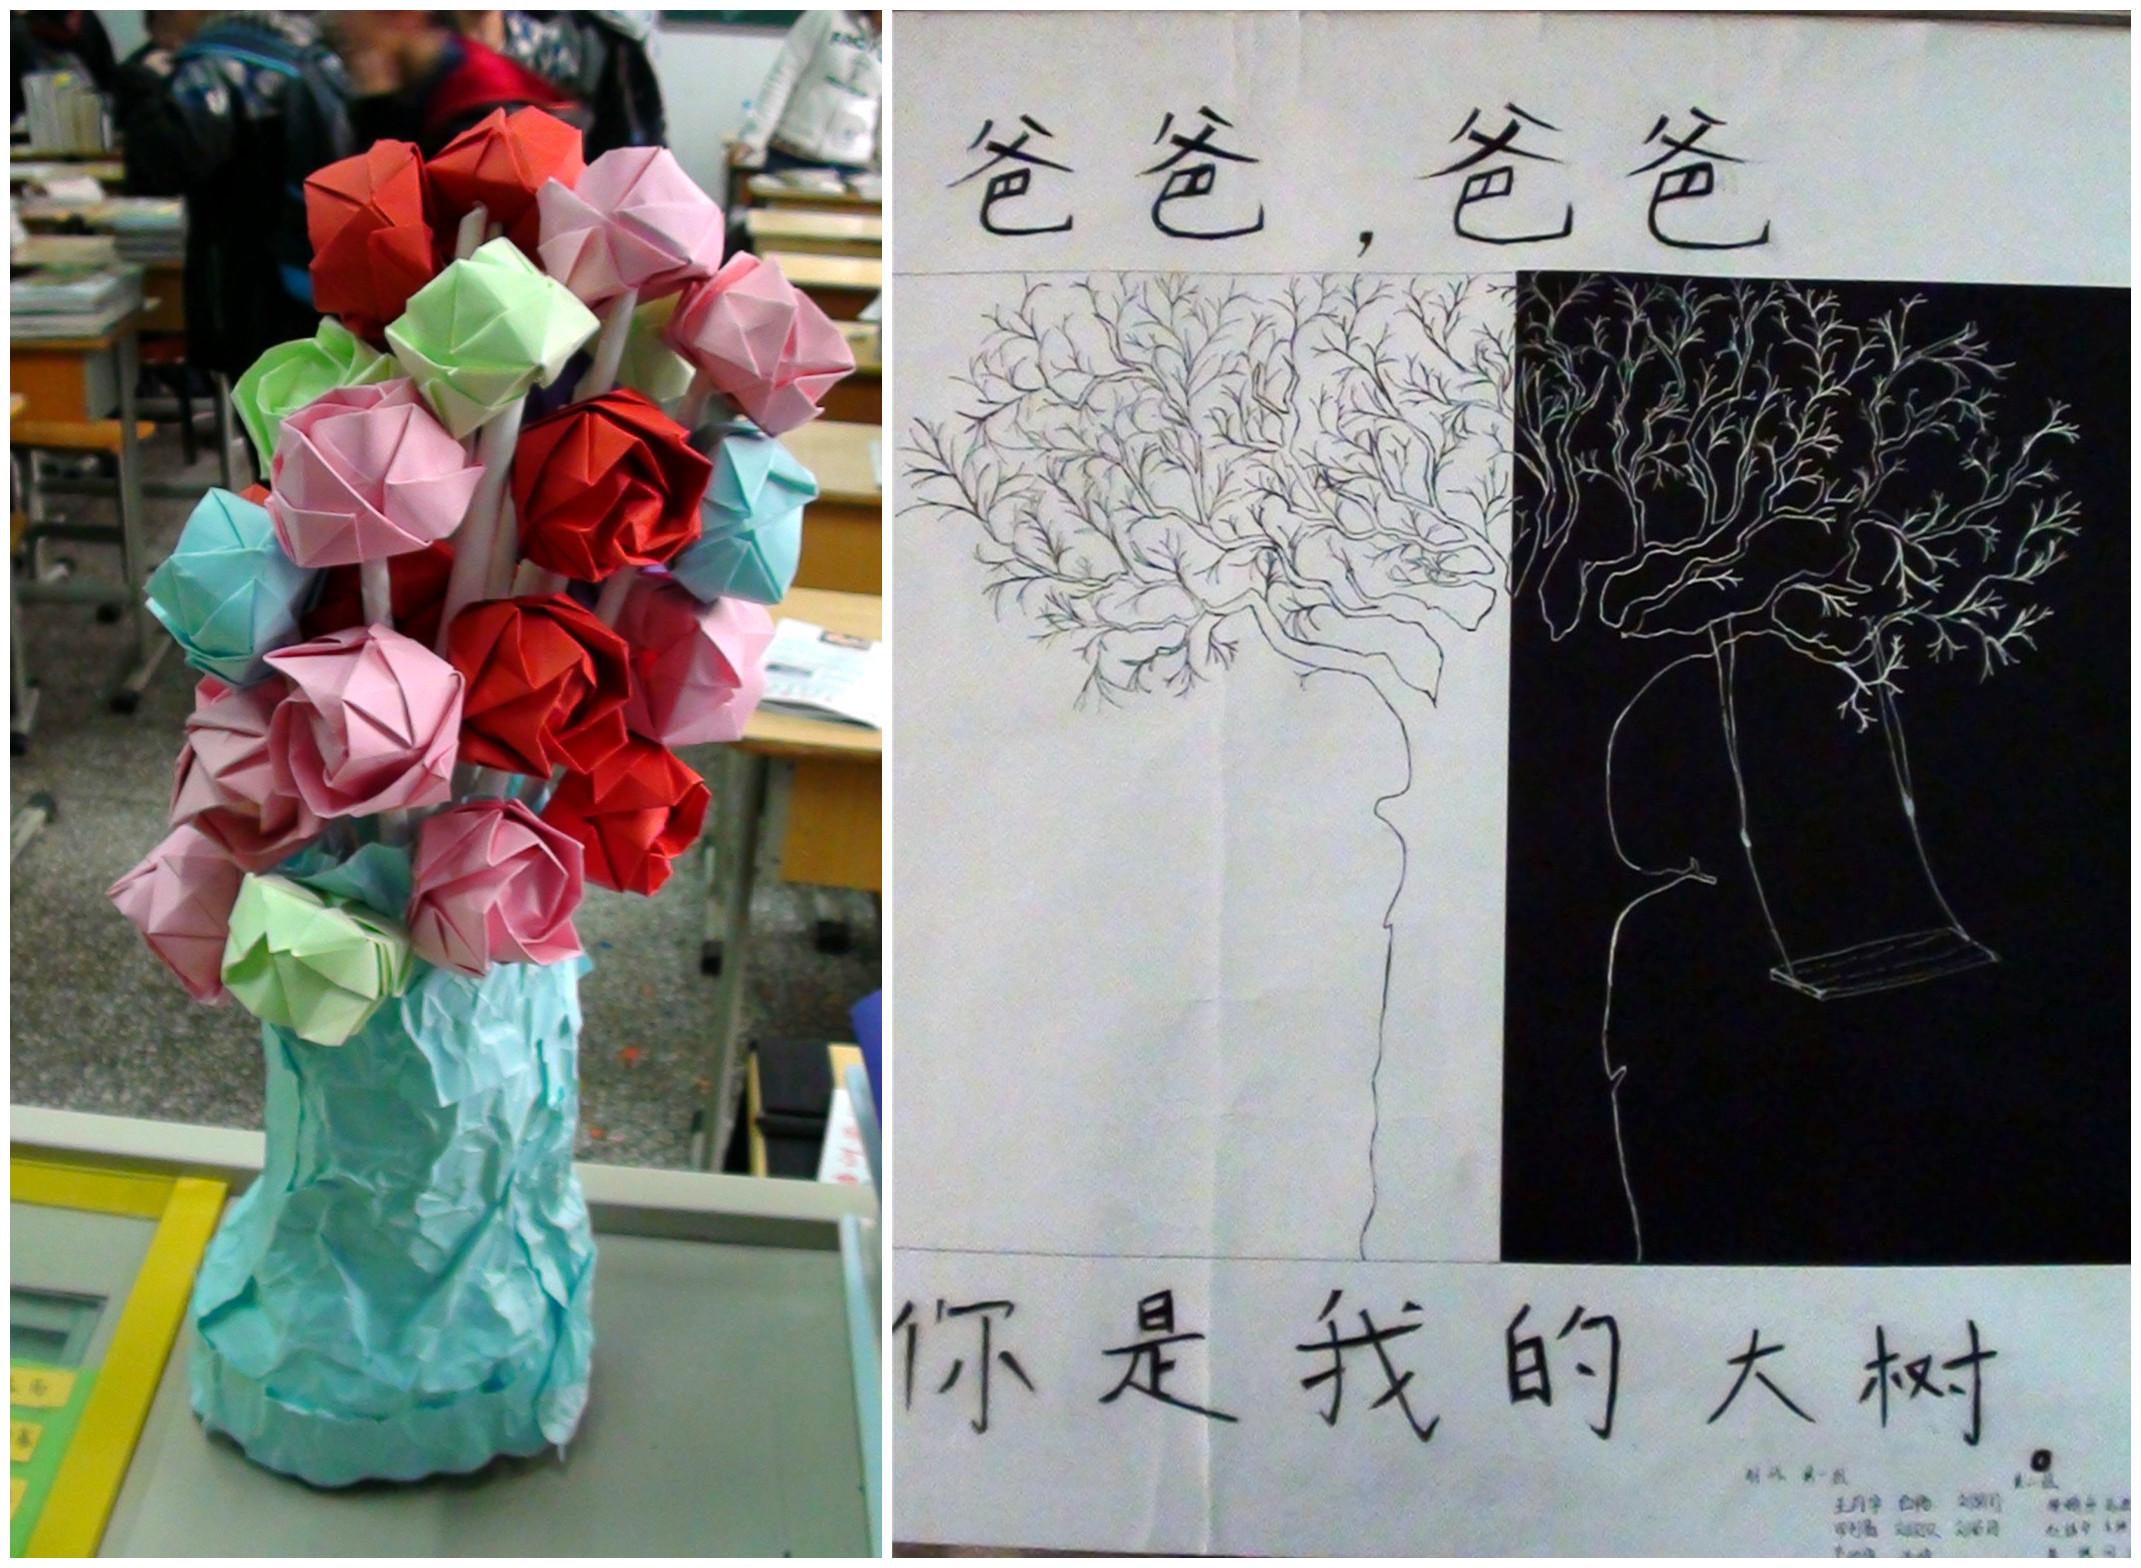 学生为家长手工制作的礼物